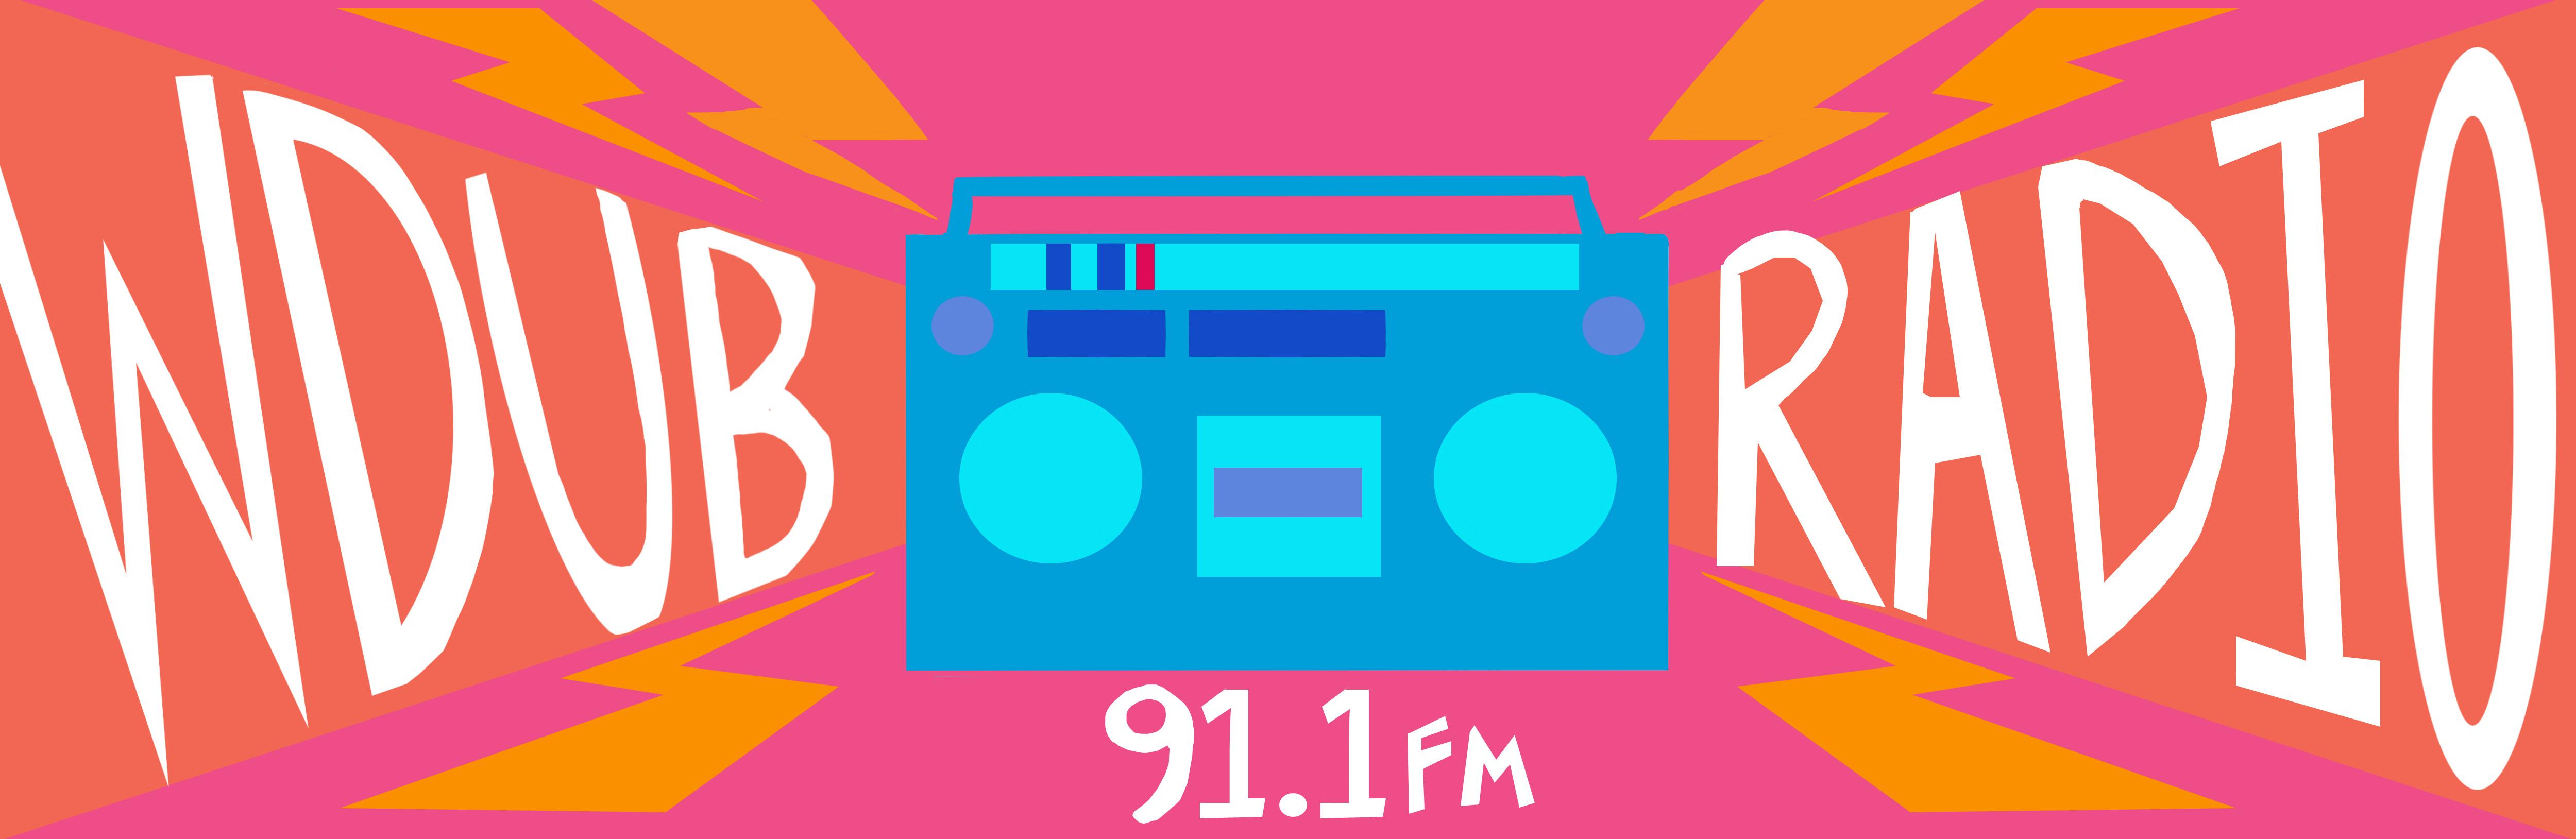 WDUB radio